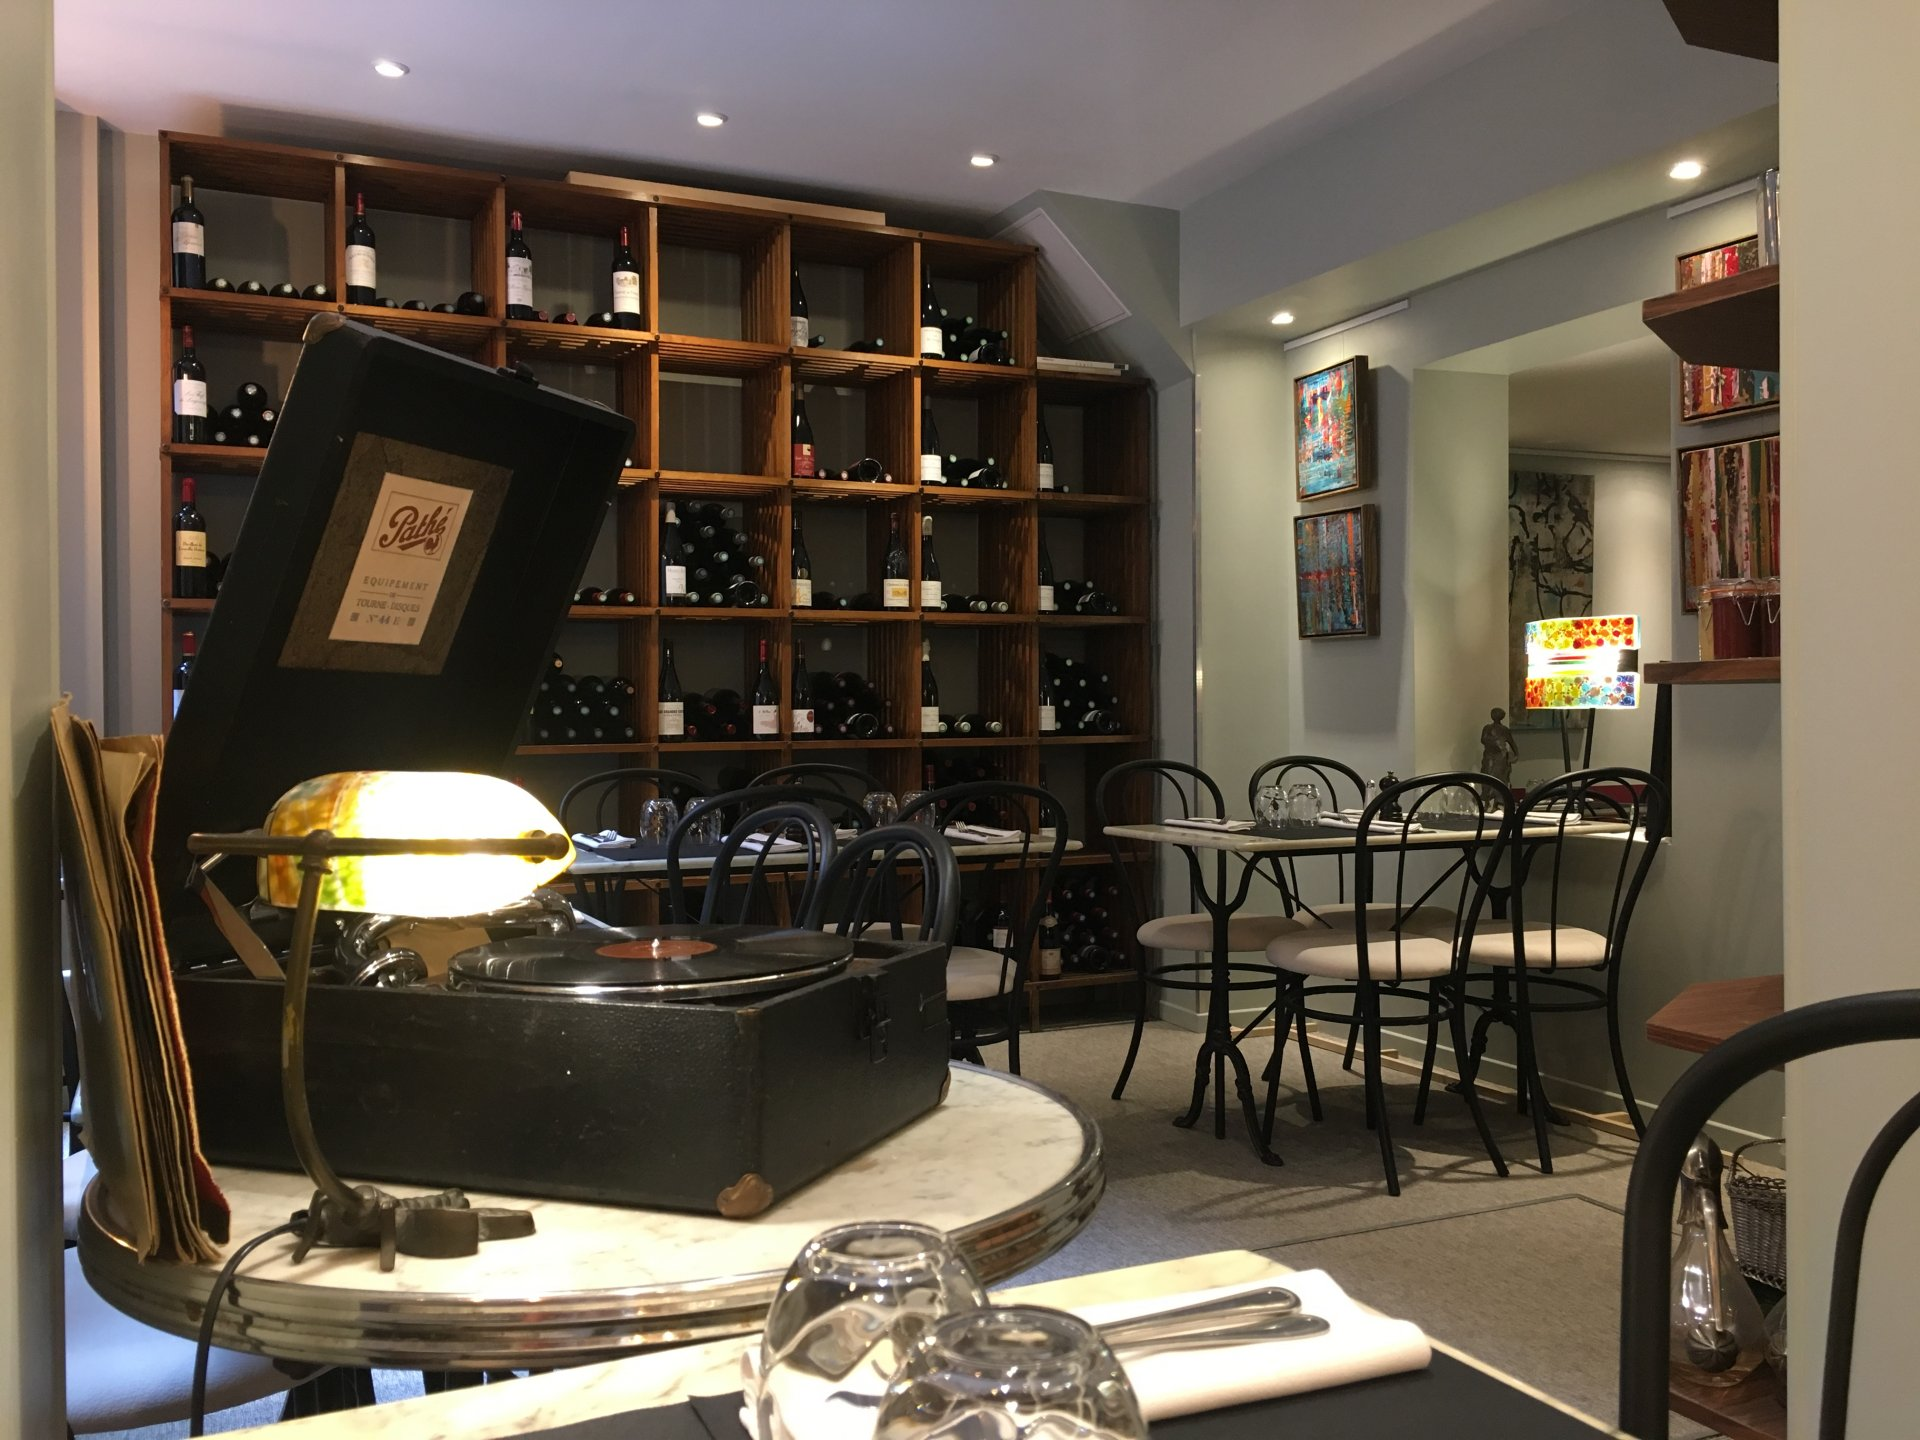 la boutique des vins paris paris offrir cadeau restaurant. Black Bedroom Furniture Sets. Home Design Ideas